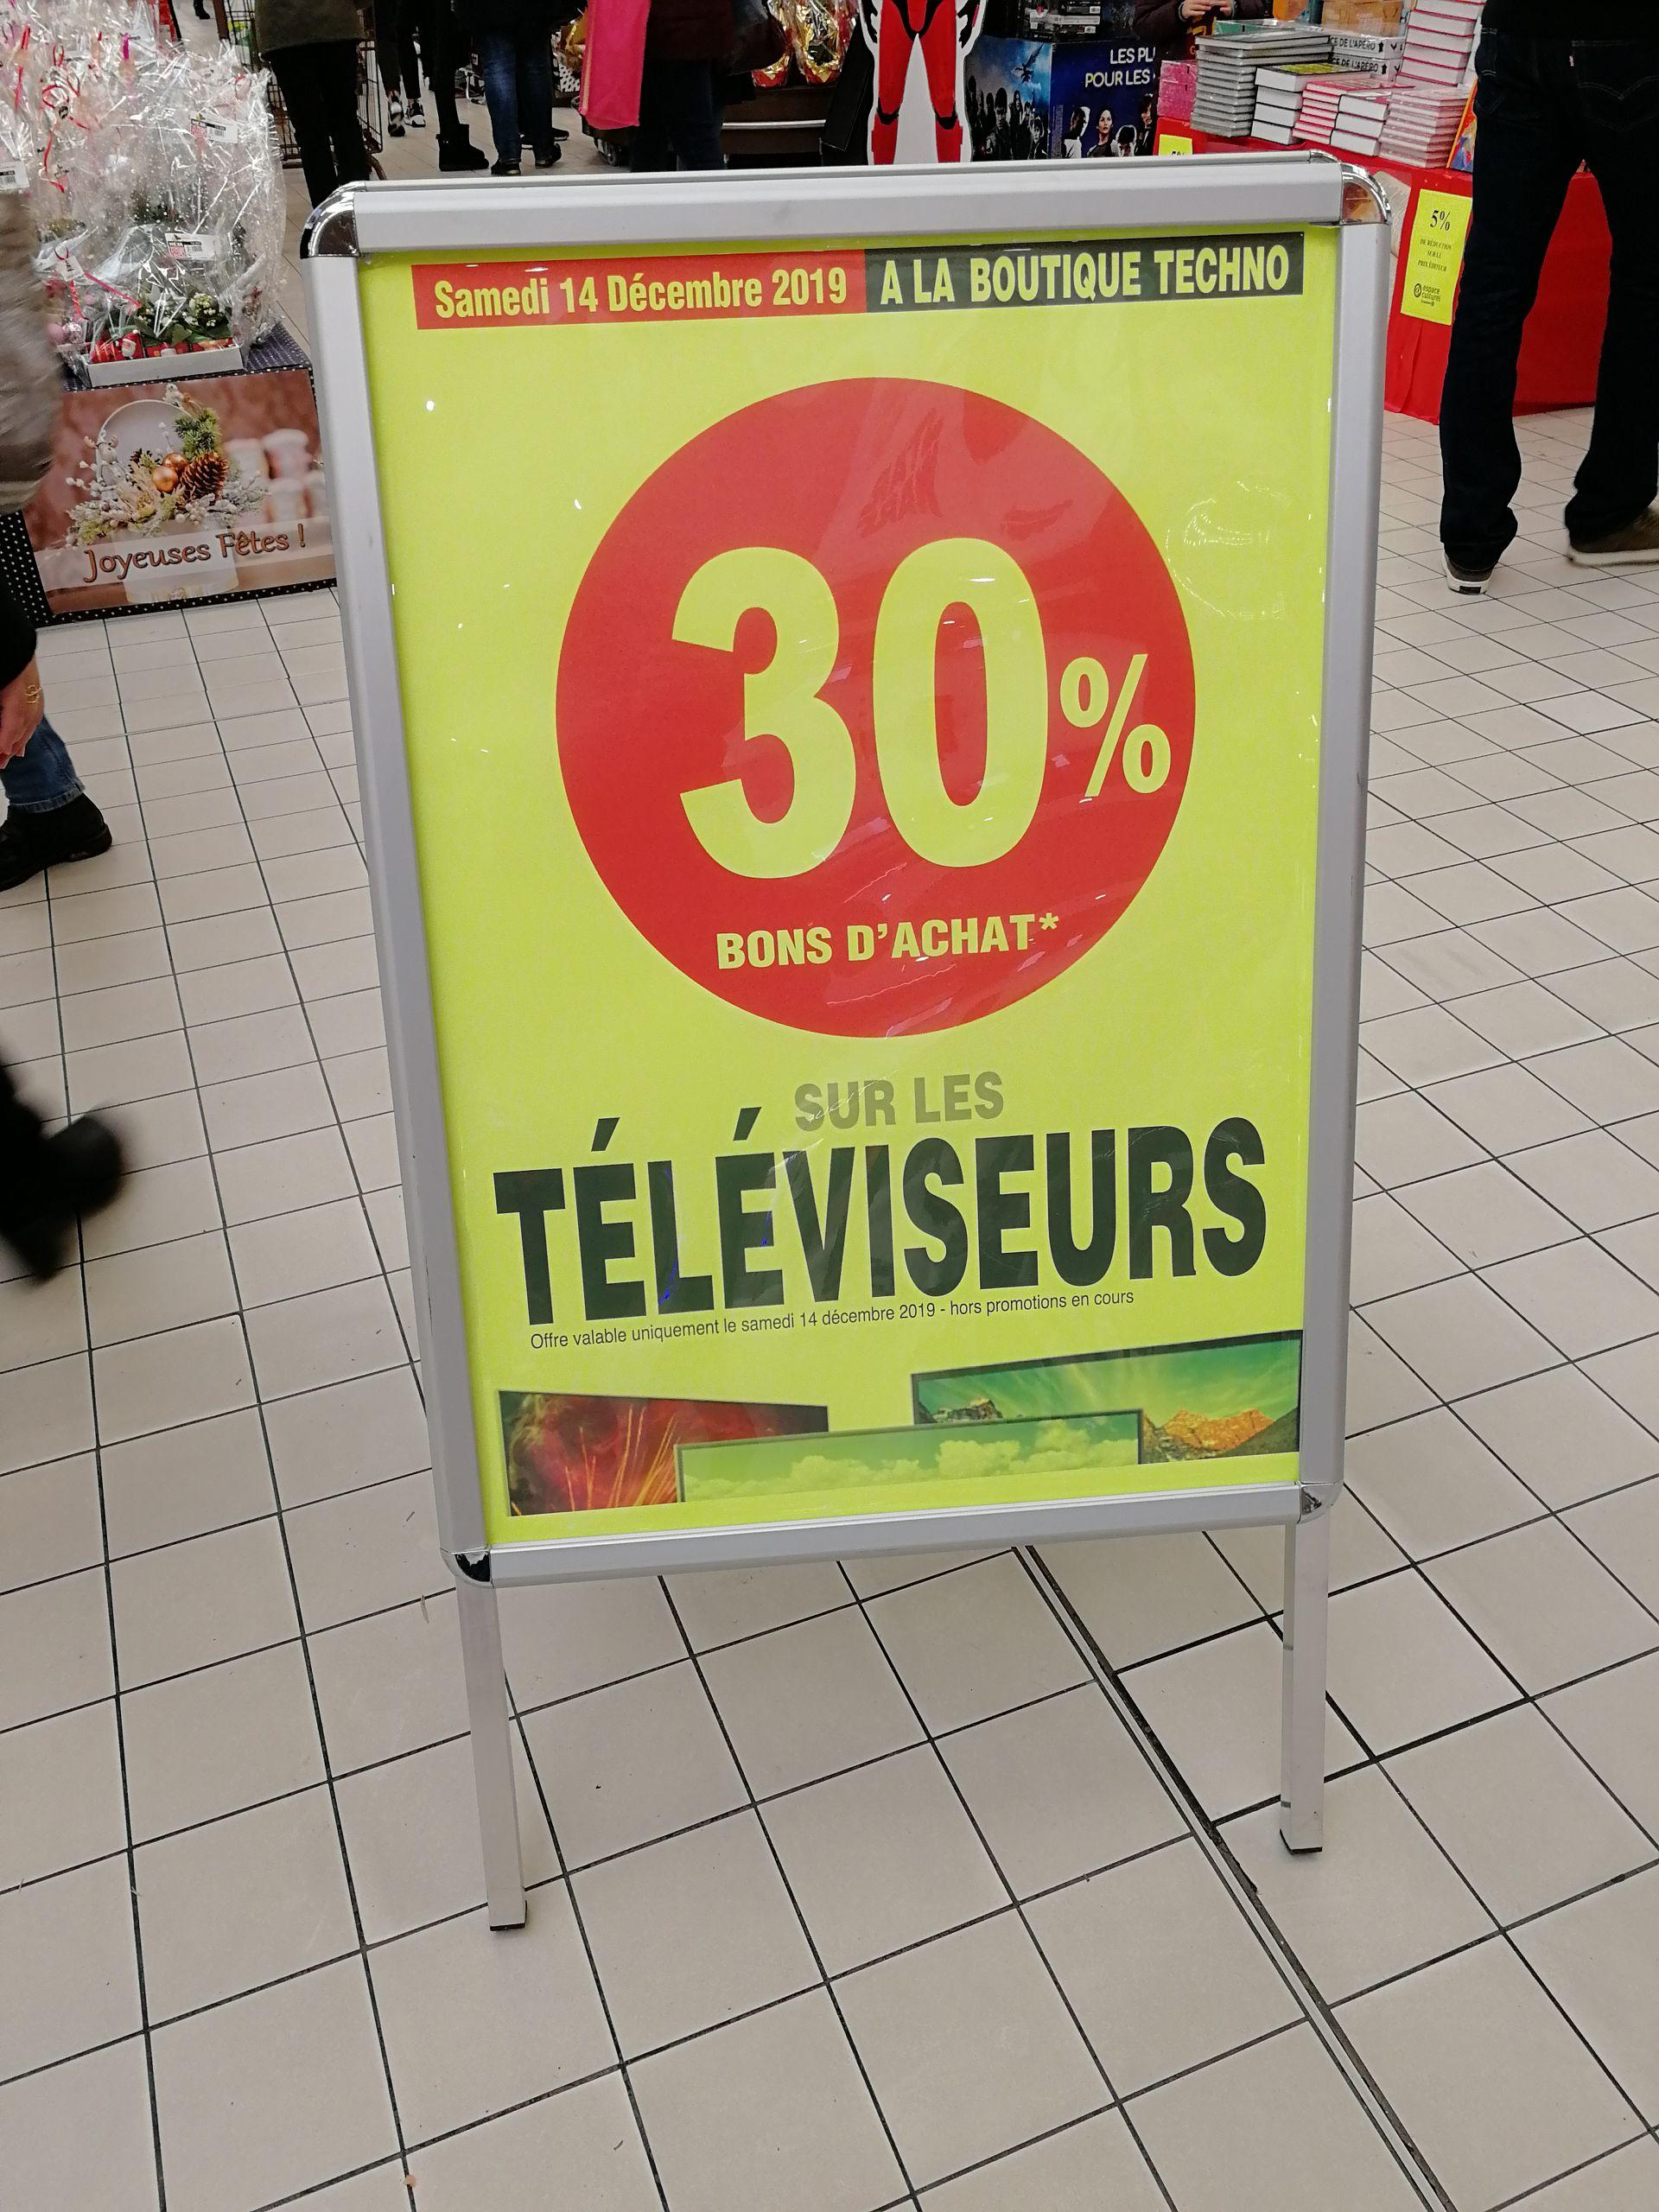 30% offerts en bon d'achat sur les téléviseurs - Vitry-sur-Seine (94)